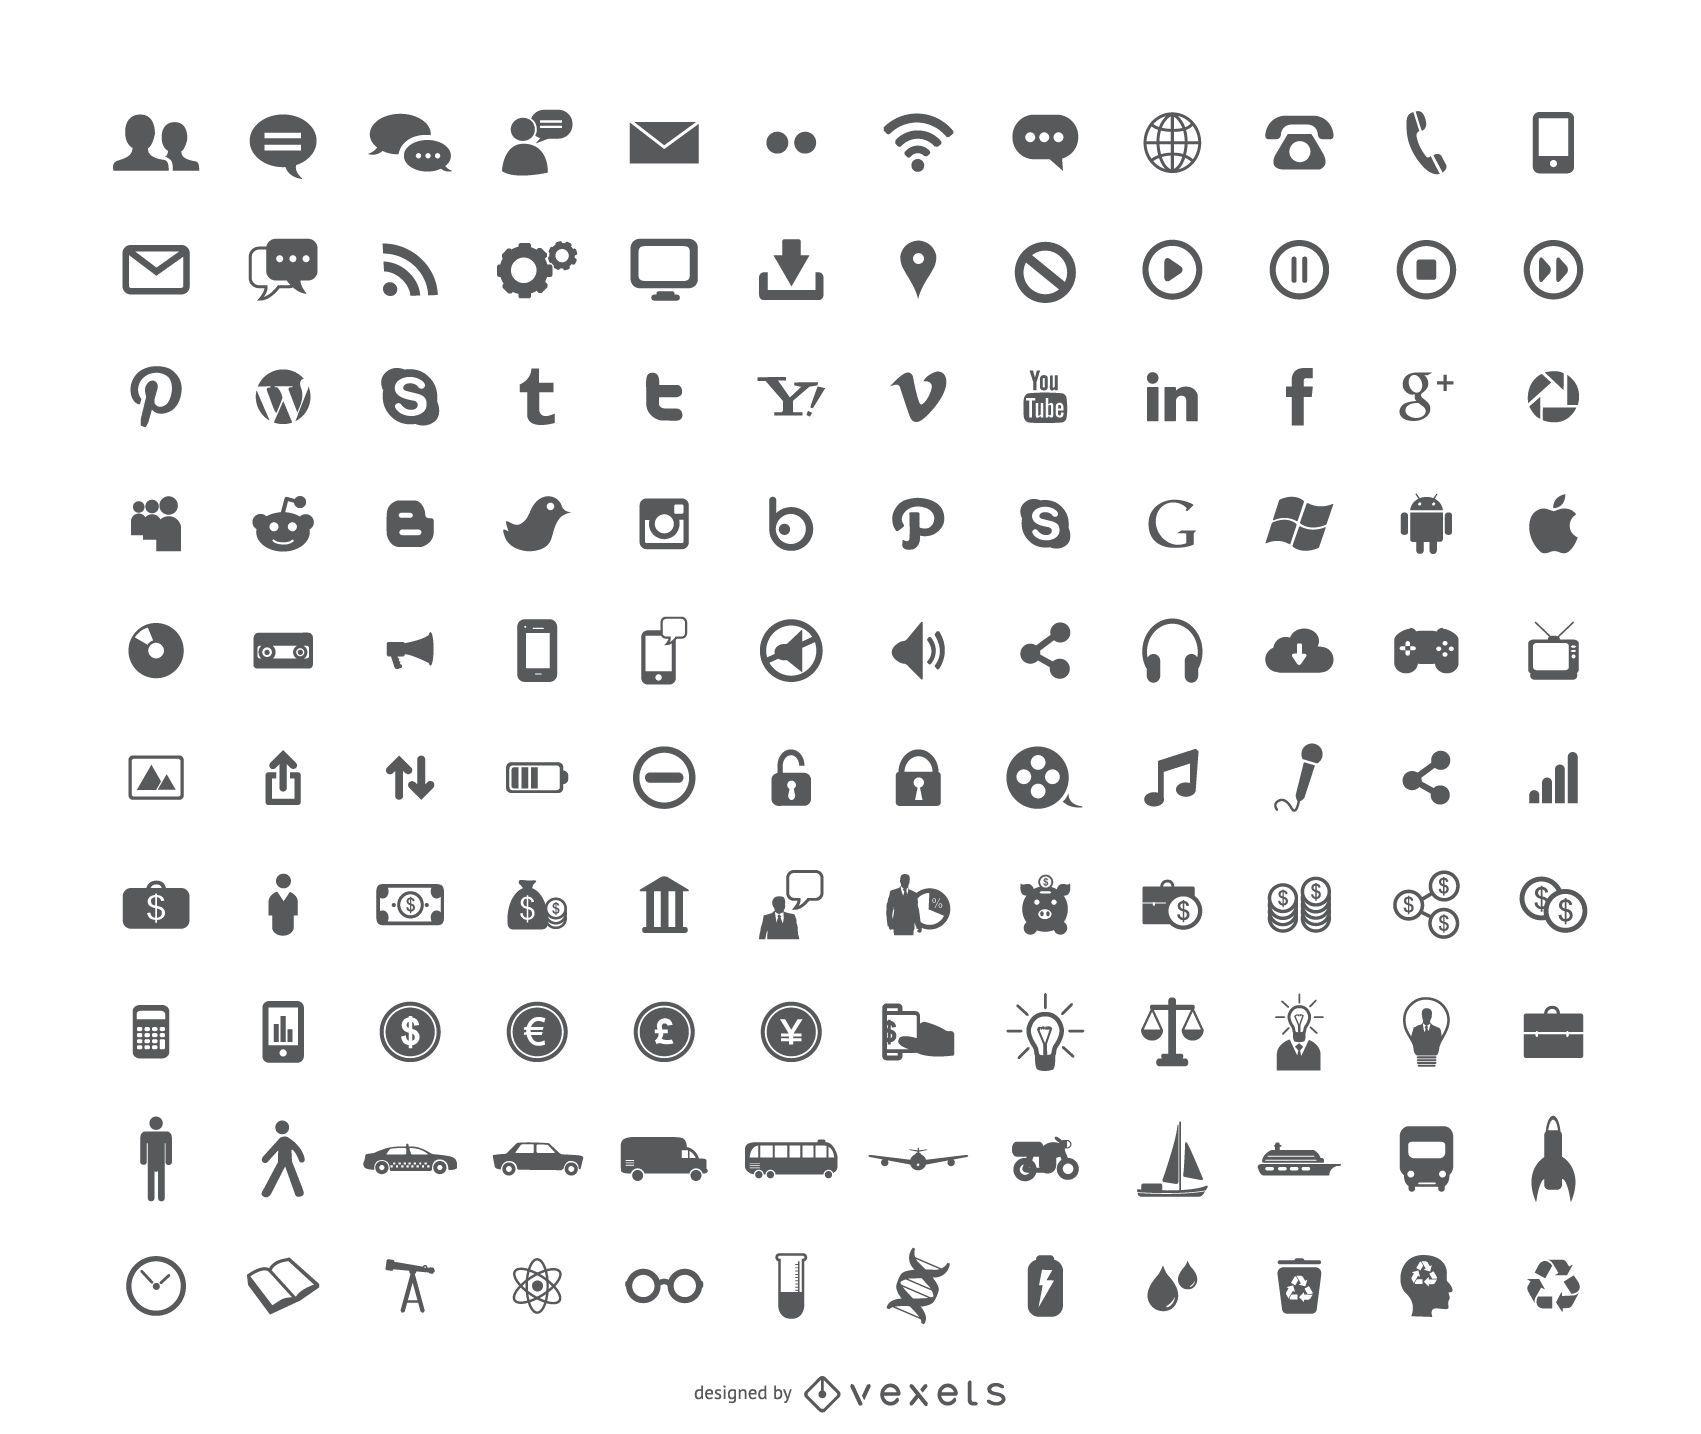 120 iconos nuevos gratis